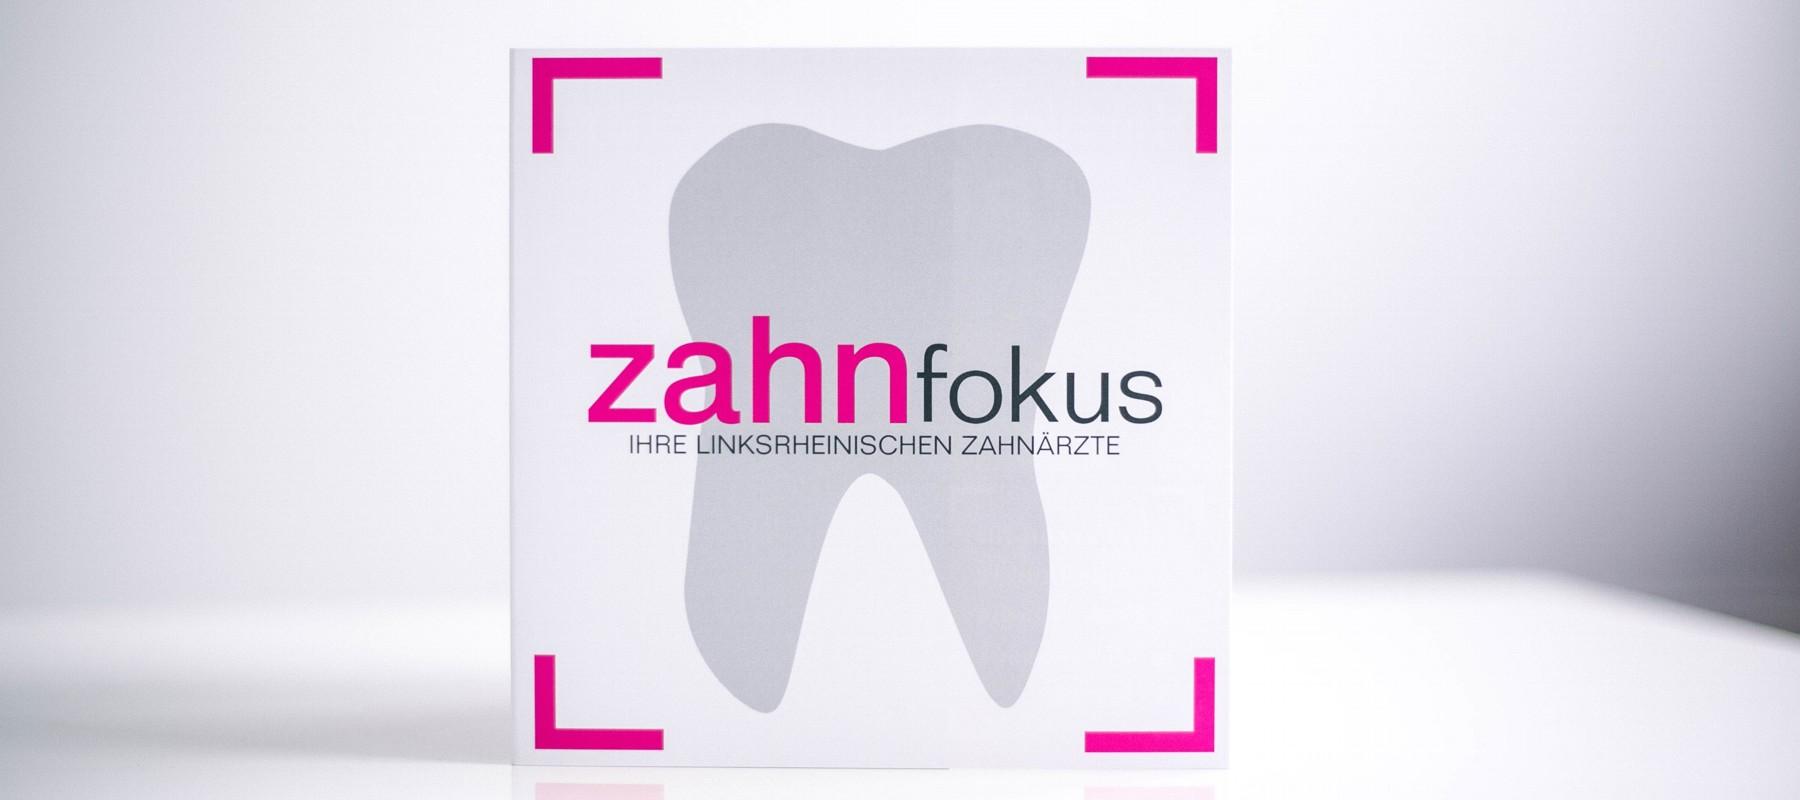 zahnfokus-start-8-800